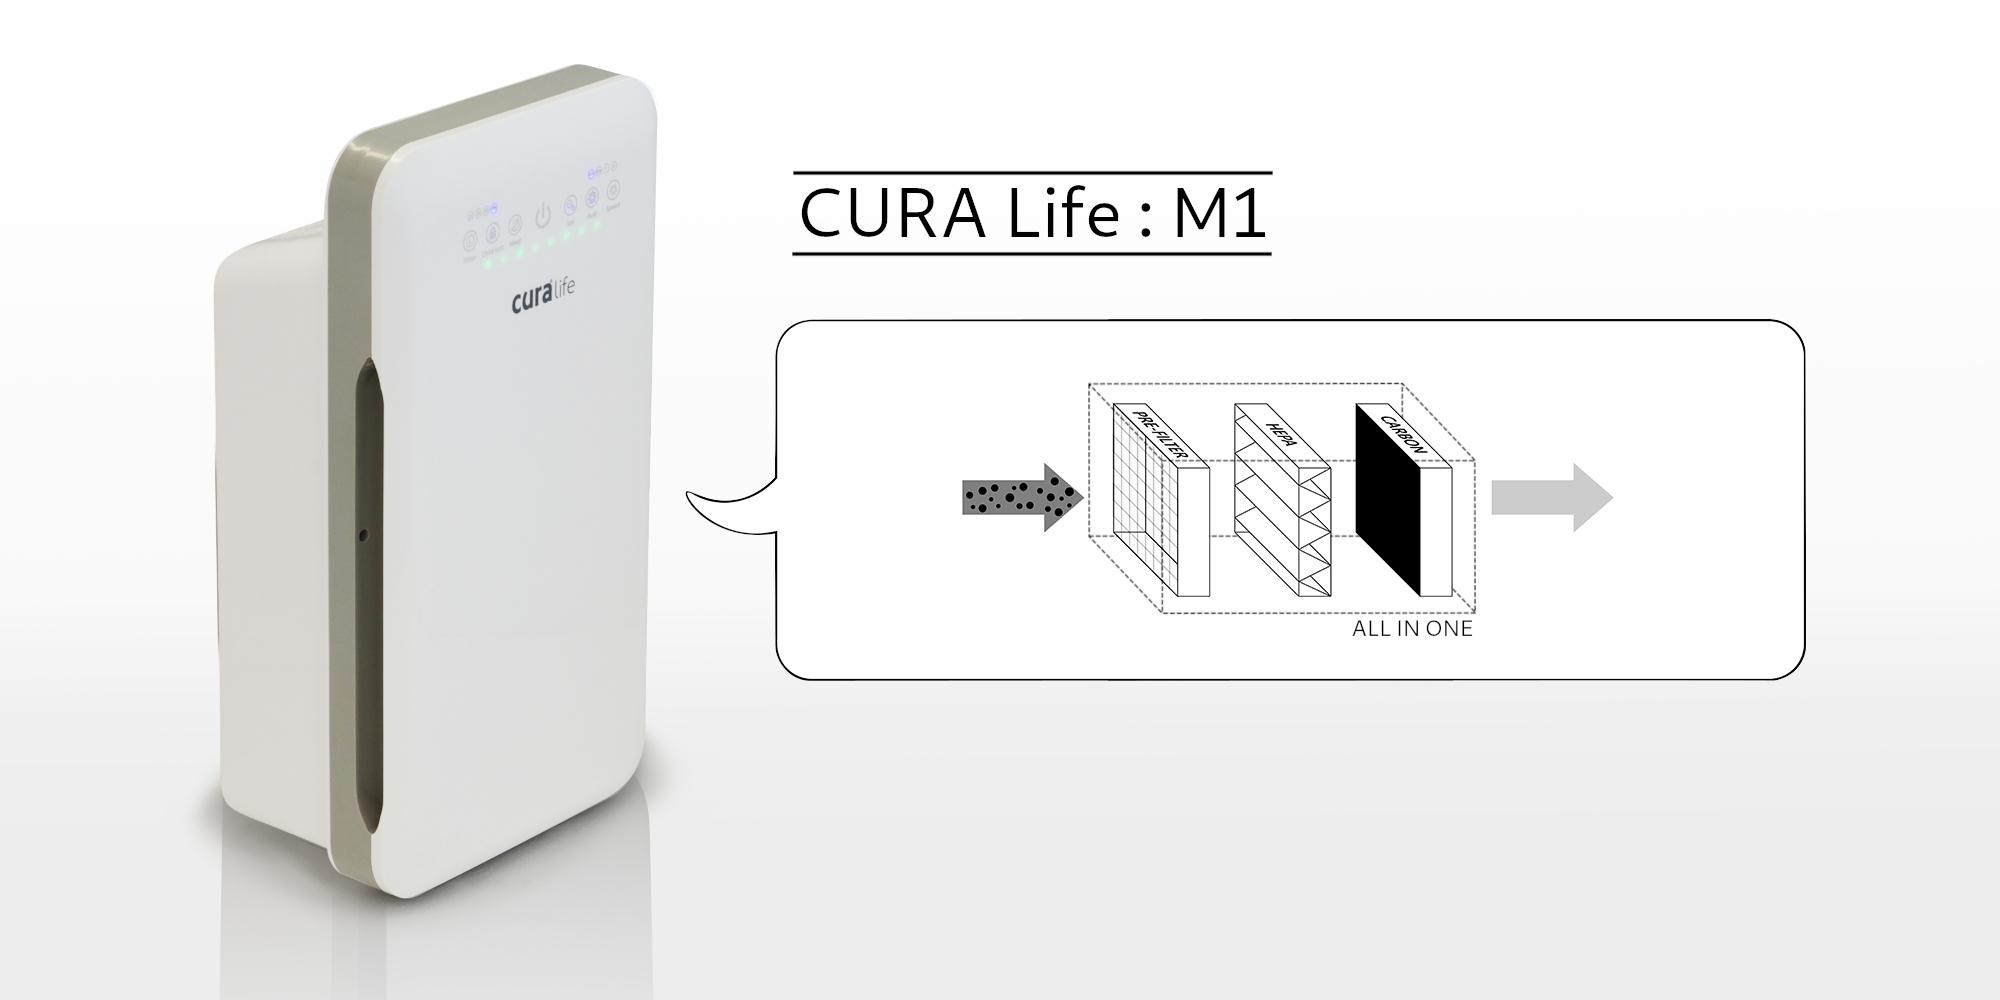 เครื่องฟอกอากาศ กรองกำจัดฝุ่นด้วย ระบบ Pre-Filter และ HEPA filter และดักจับกลิ่นด้วย Activated Carbon ยี่ห้อ CURA Life รุ่น M1 สามารถดักจับฝุ่นละเอียดระดับ PM 2.5 ได้มากกว่า 99%